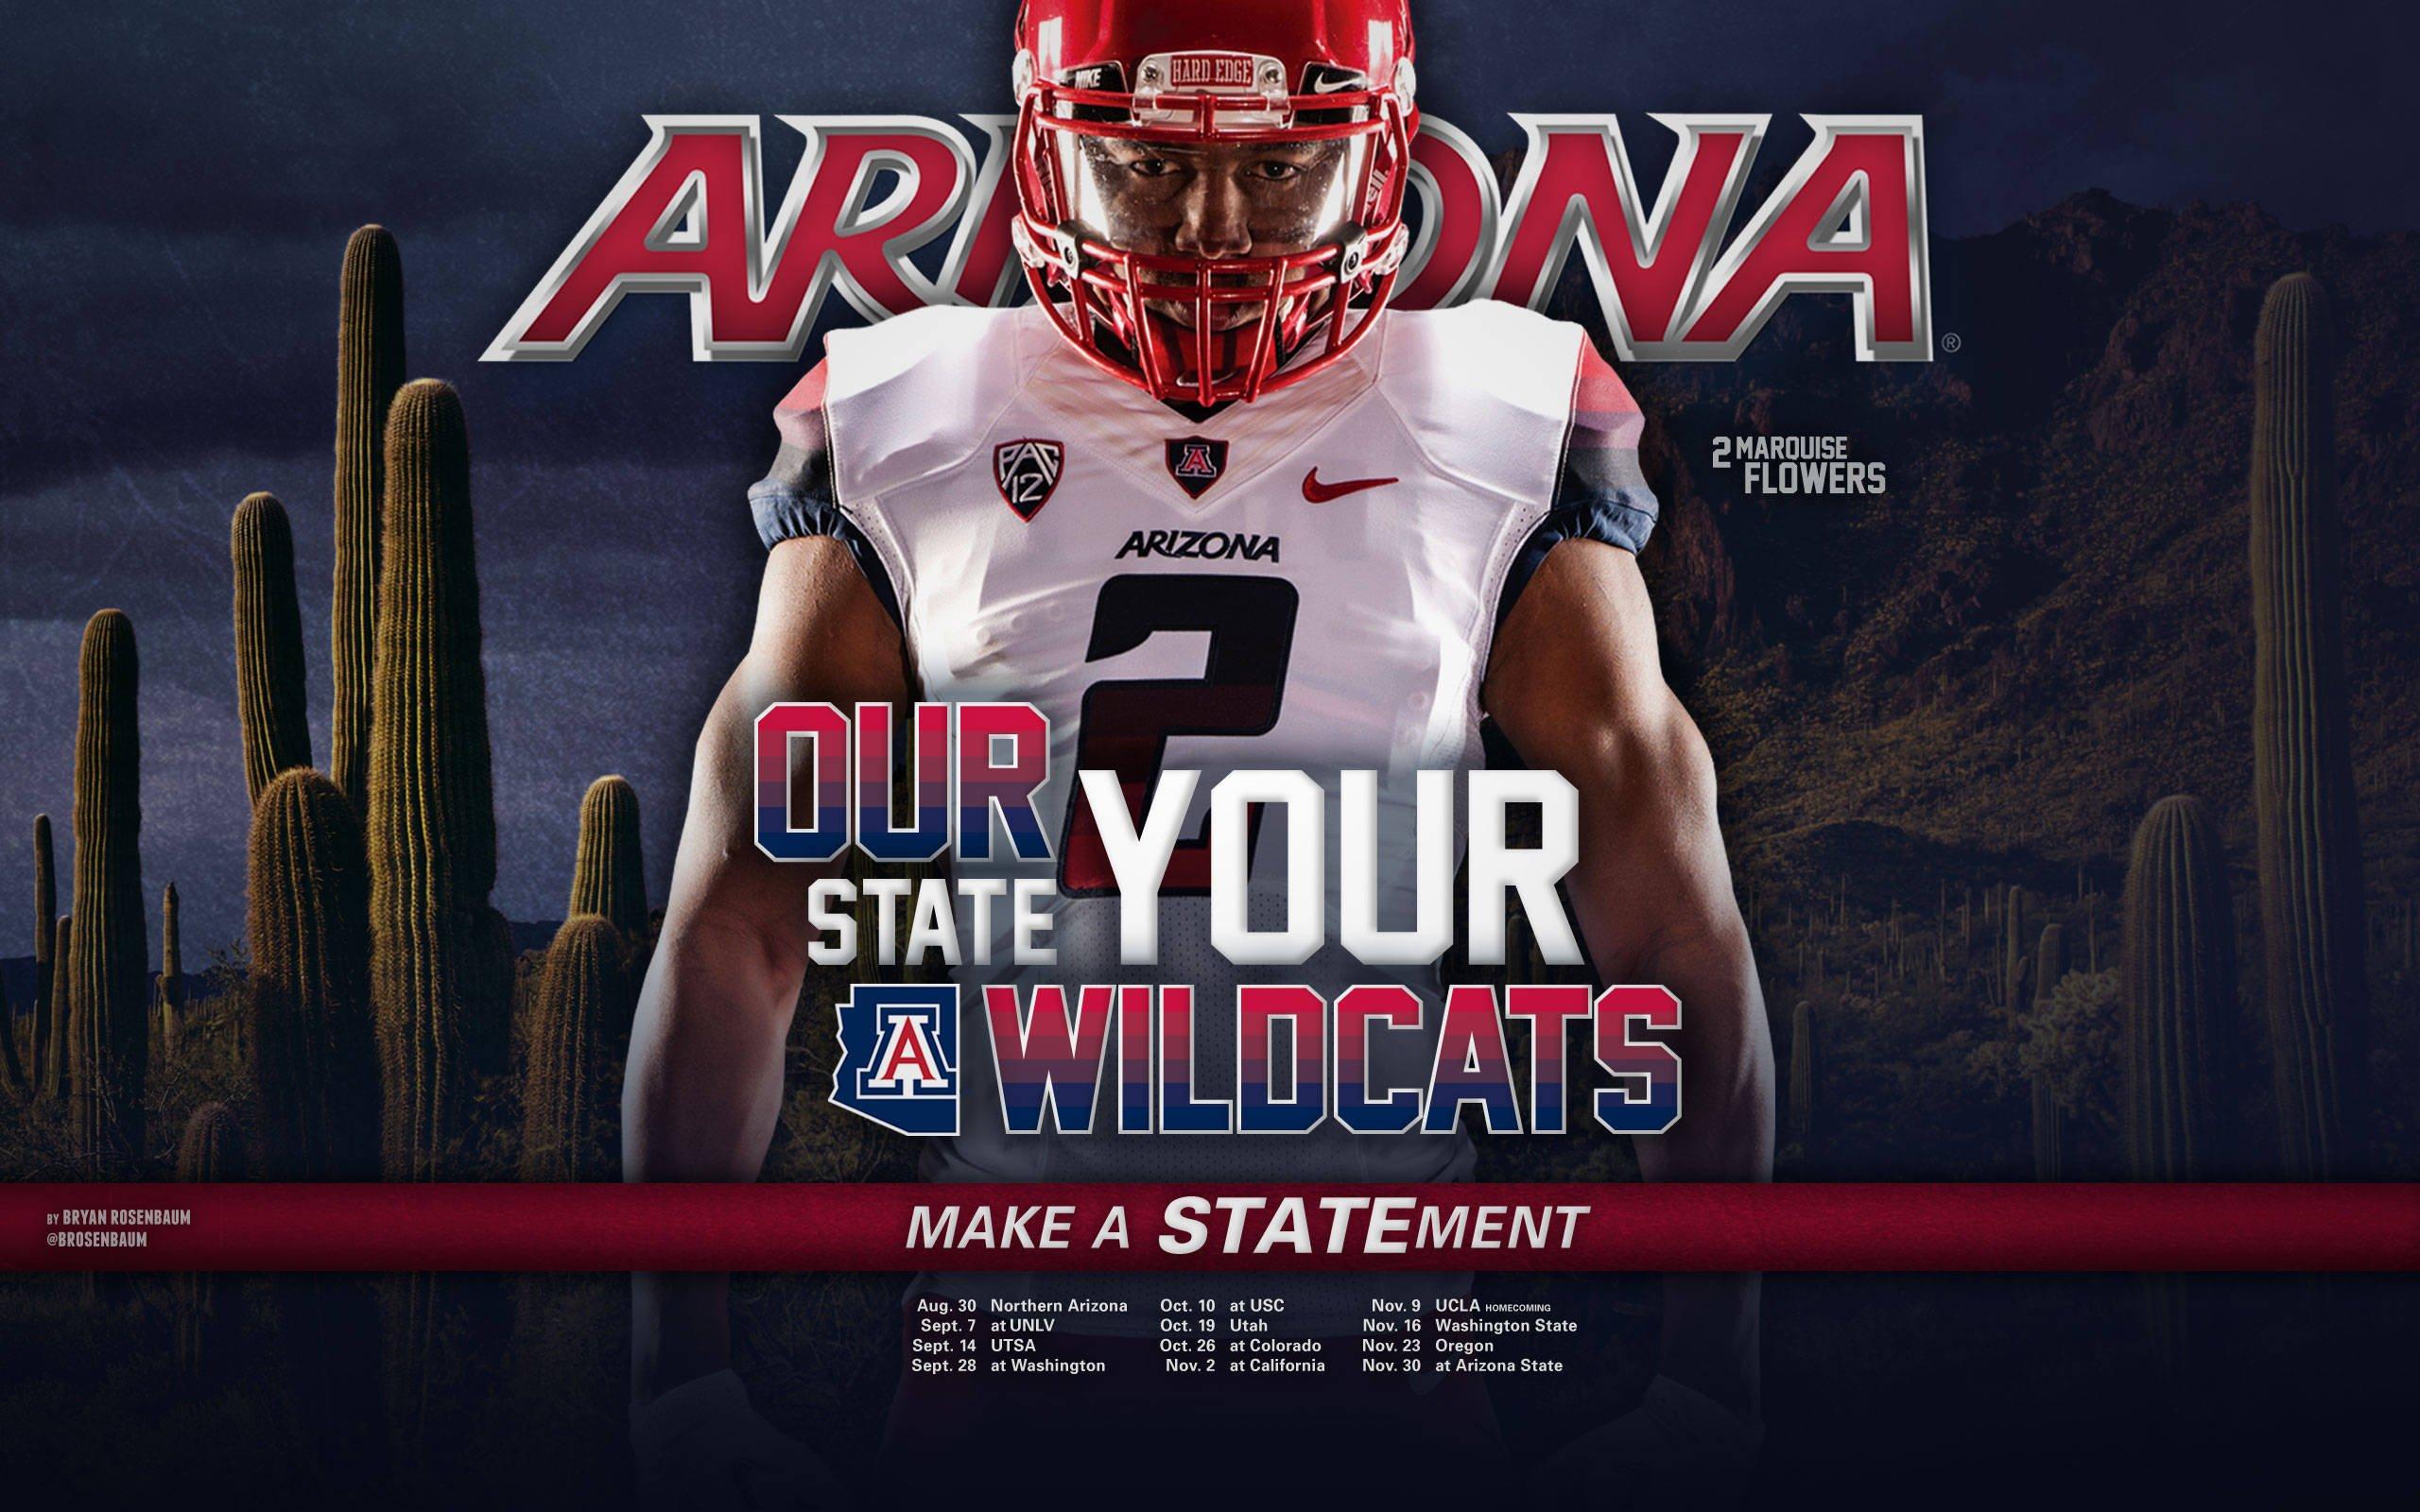 Arizona Wildcats Wallpaper images 2560x1600